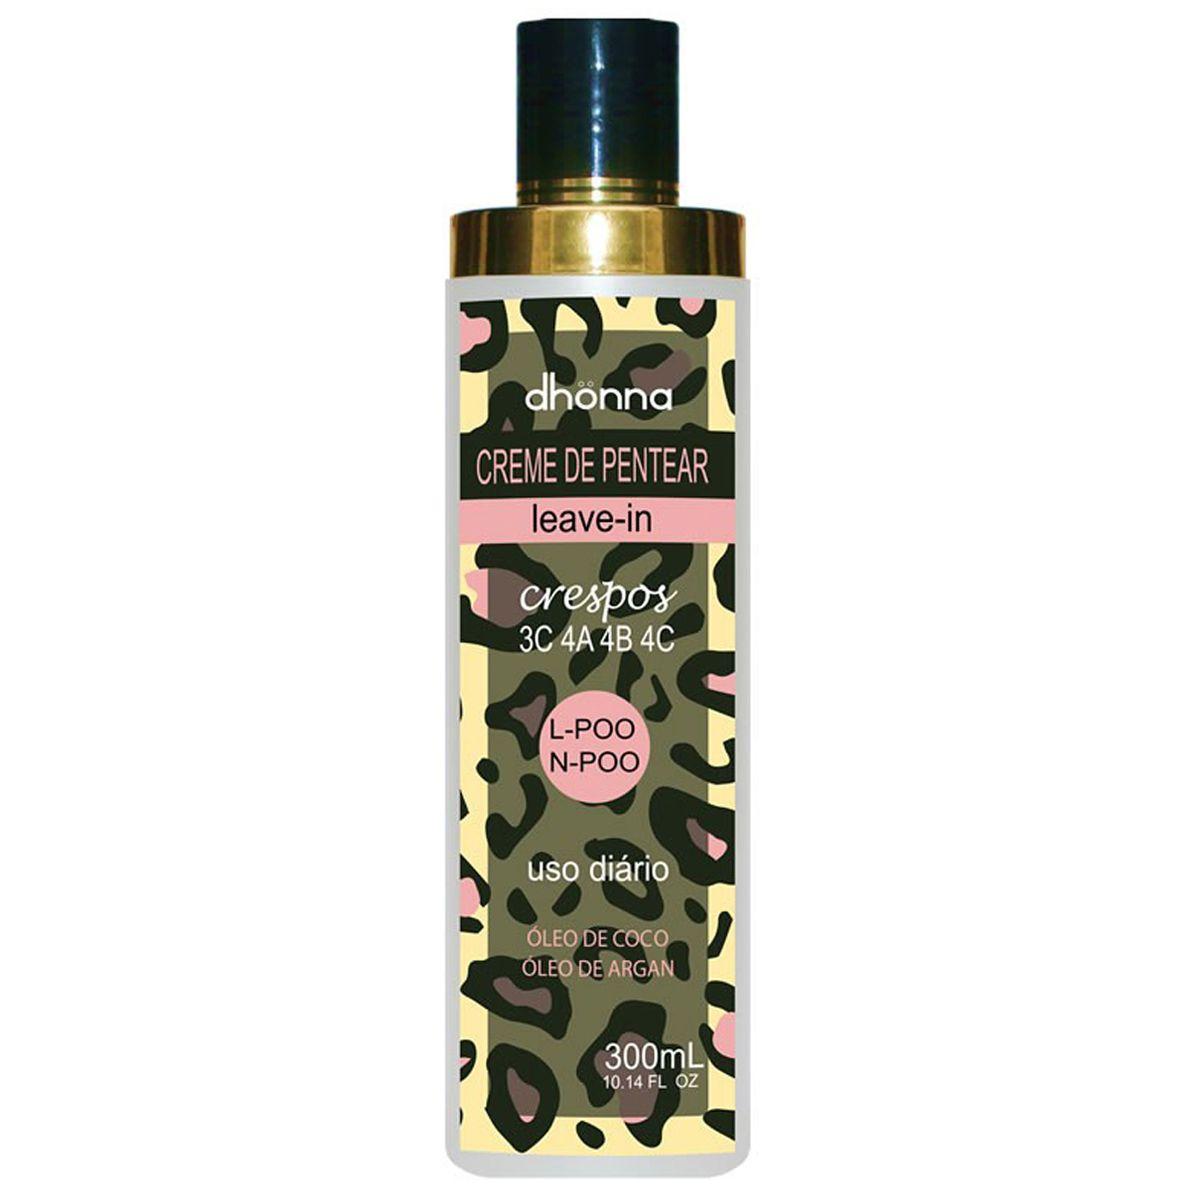 Dhonna - Uso Diário - Creme de Pentear - Crespos - 3C a 4C - 300ml